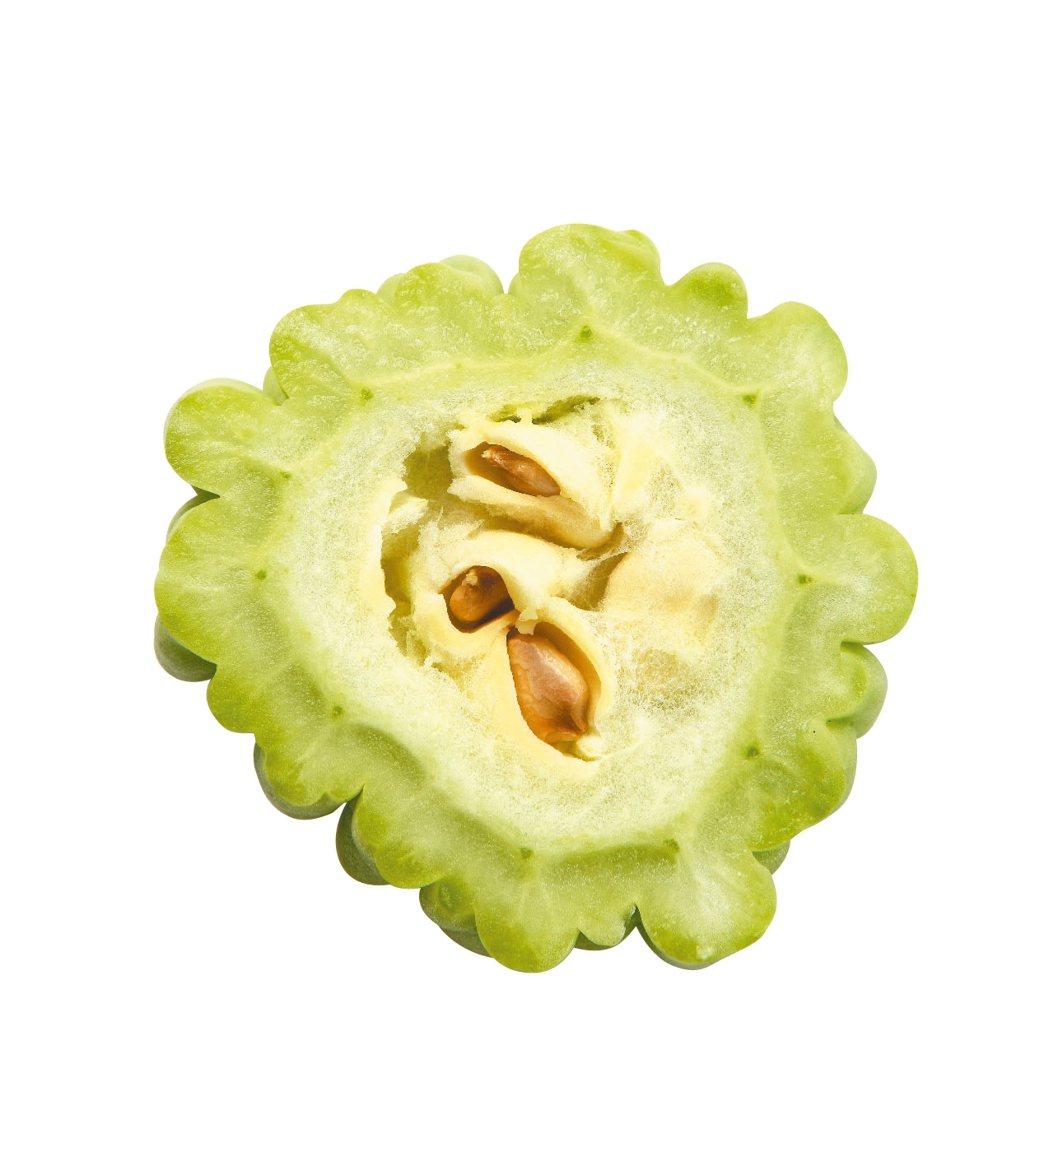 苦瓜對部分人而言是令人感到害怕的蔬菜,苦瓜常與青椒、茄子等蔬菜被列為孩童最挑食的...